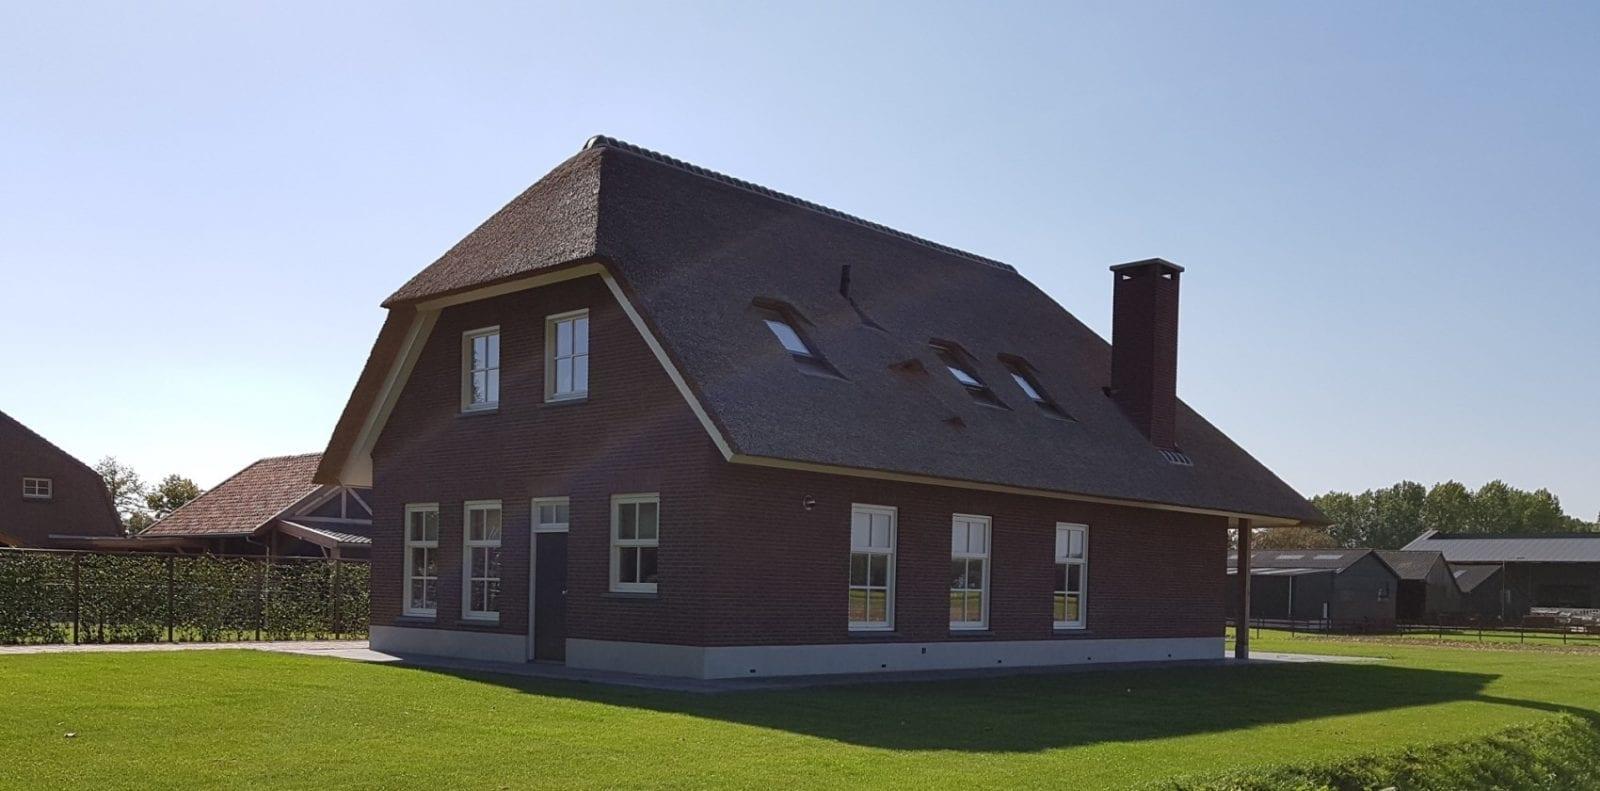 Rietdekken landhuis in Delwijnen